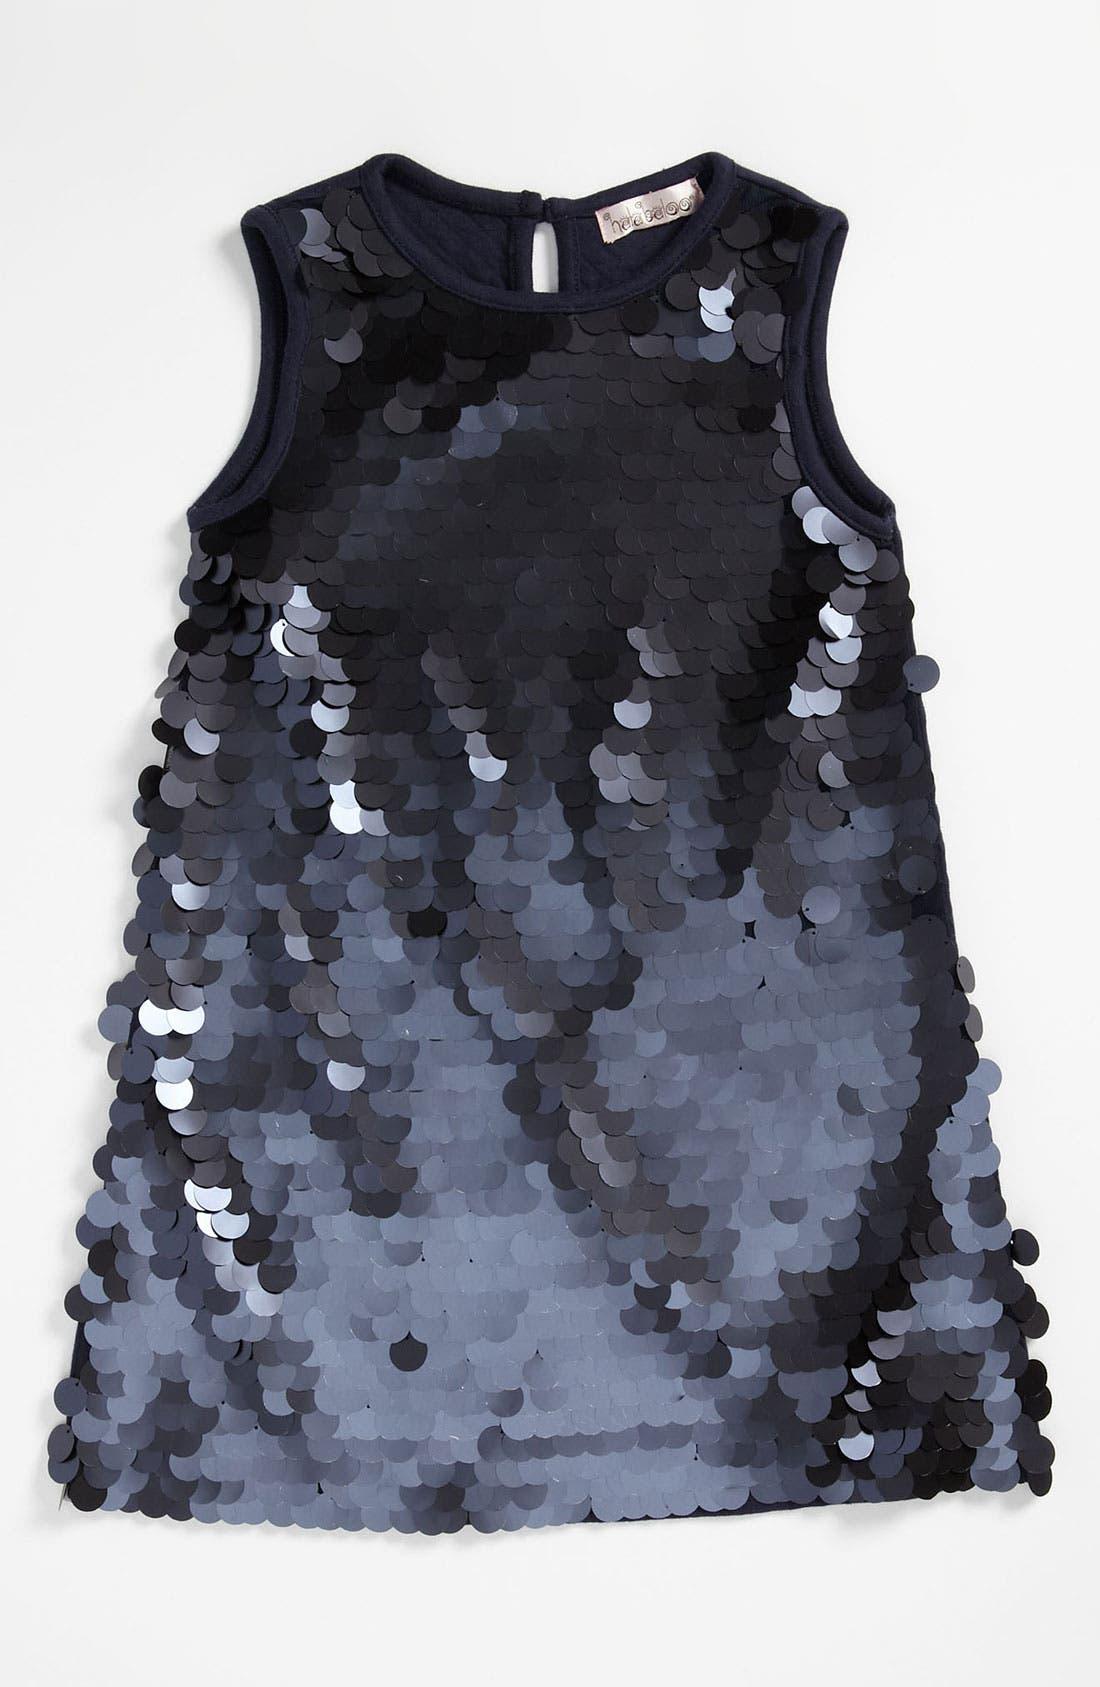 Alternate Image 1 Selected - Halabaloo Paillette Dress (Little Girls & Big Girls)